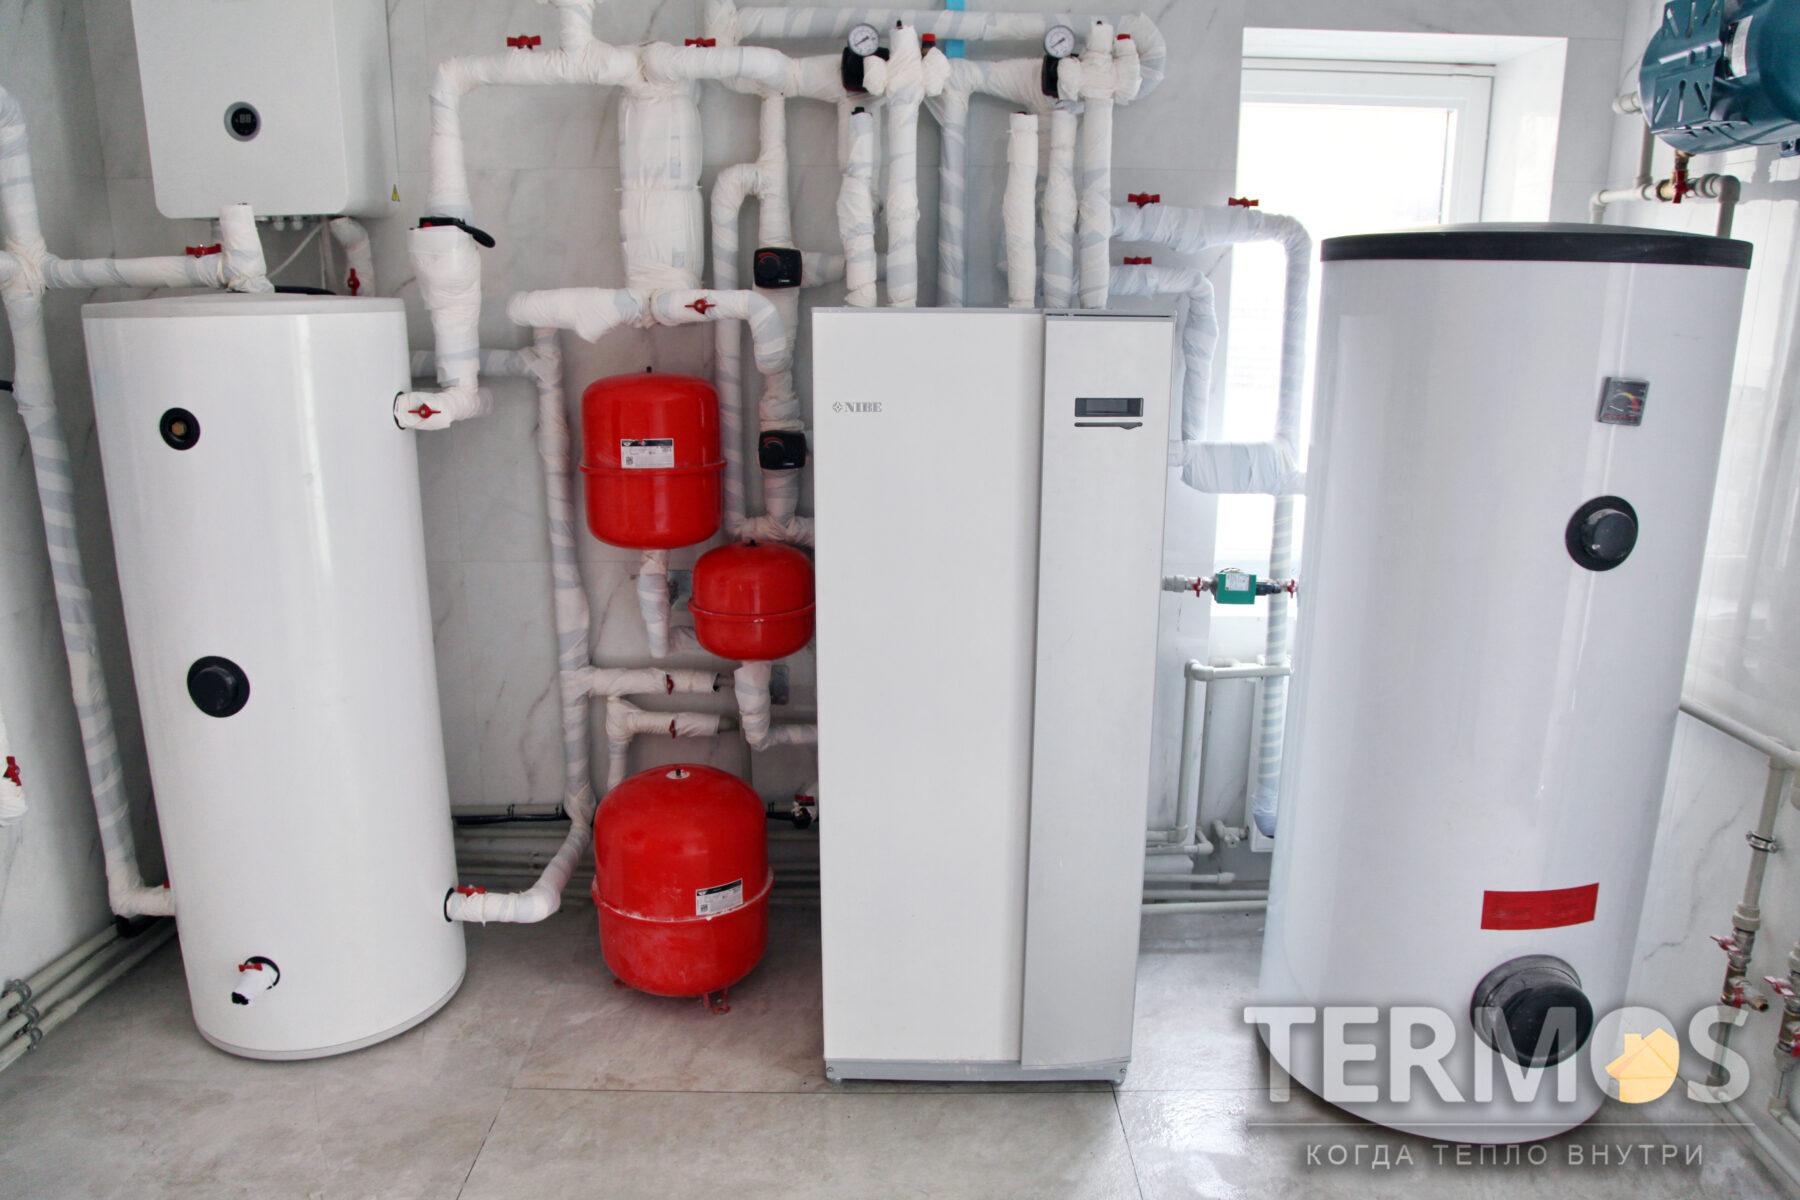 Плюты. Коттедж 280 м.кв. Геотермальный тепловой насос NIBE 17 кВт. Обеспечивает отопление, горячее водоснабжение, пассивное/ активное охлаждение летом